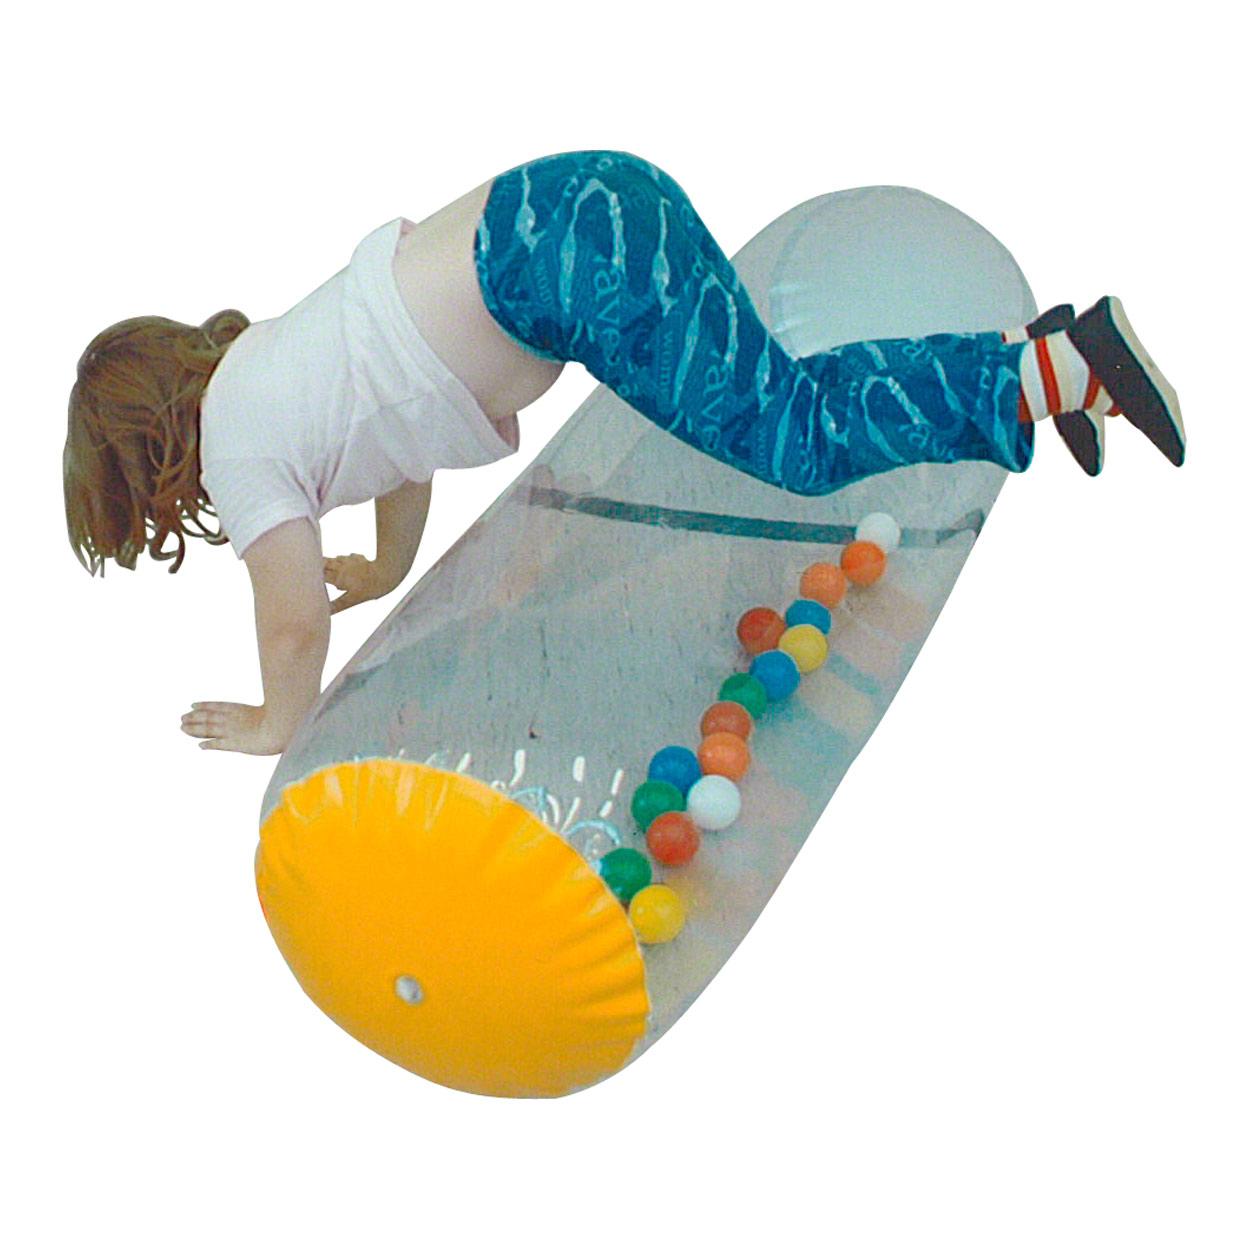 Spielzeug für draußen Therapierolle aufblasbare Spiel Rolle Spielzeug gefüllt mit Bällen